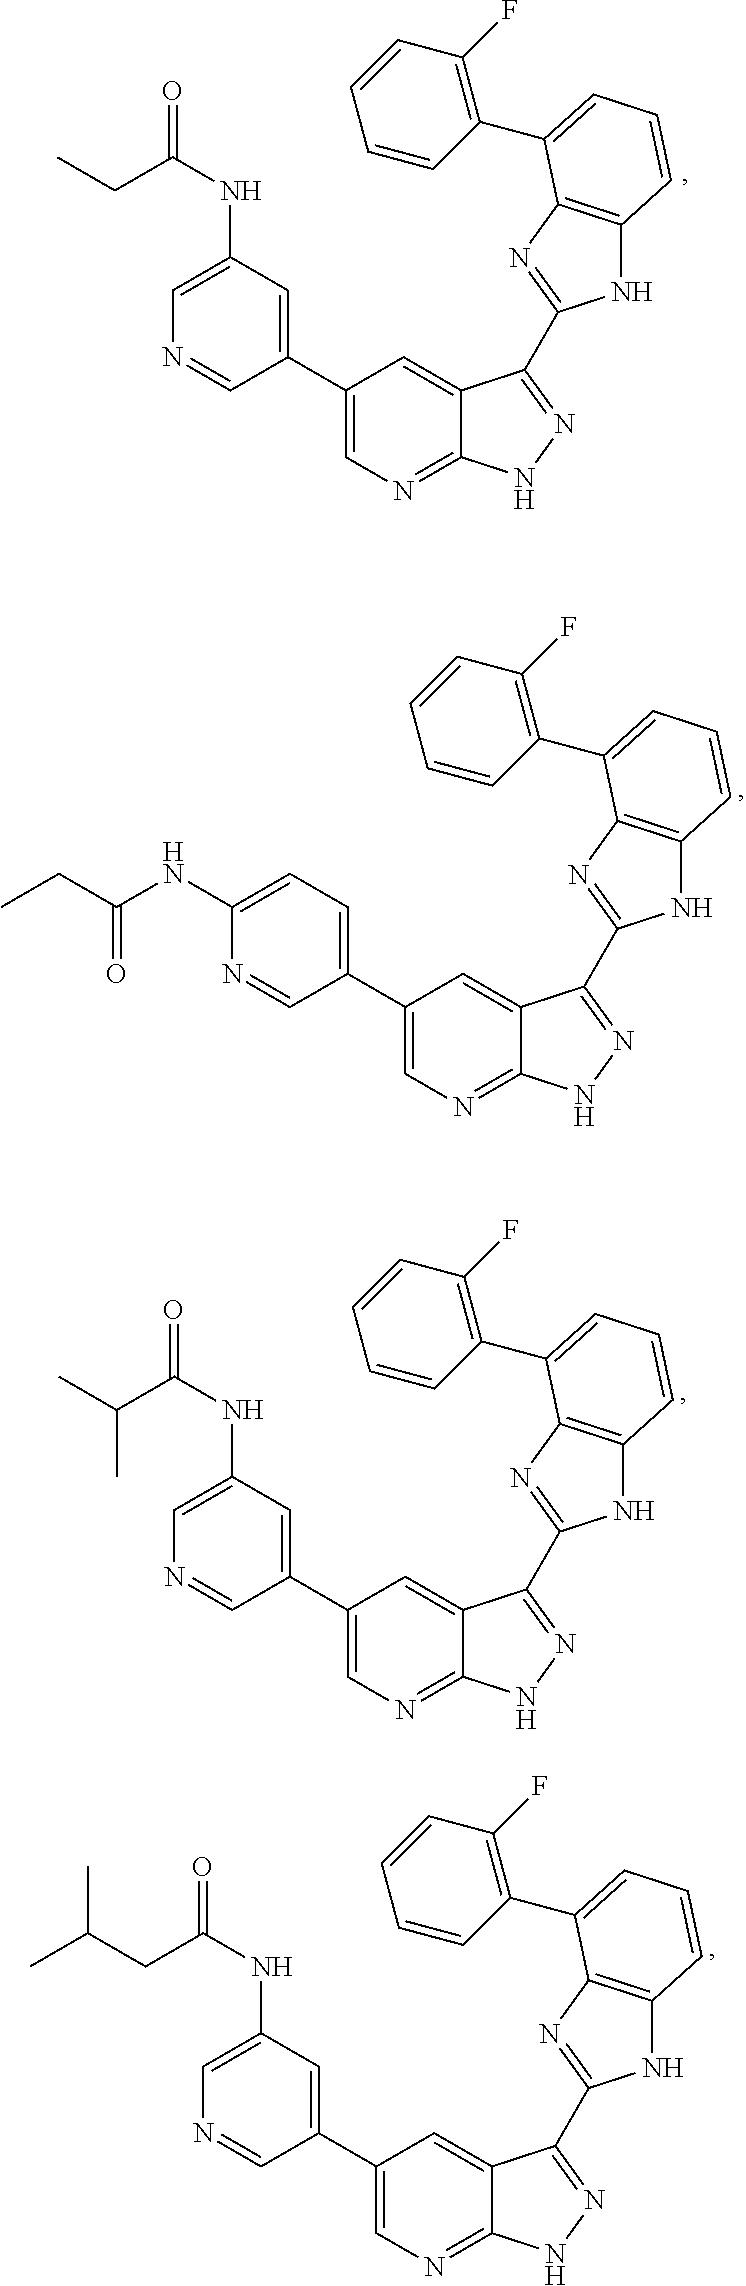 Figure US08618128-20131231-C00052